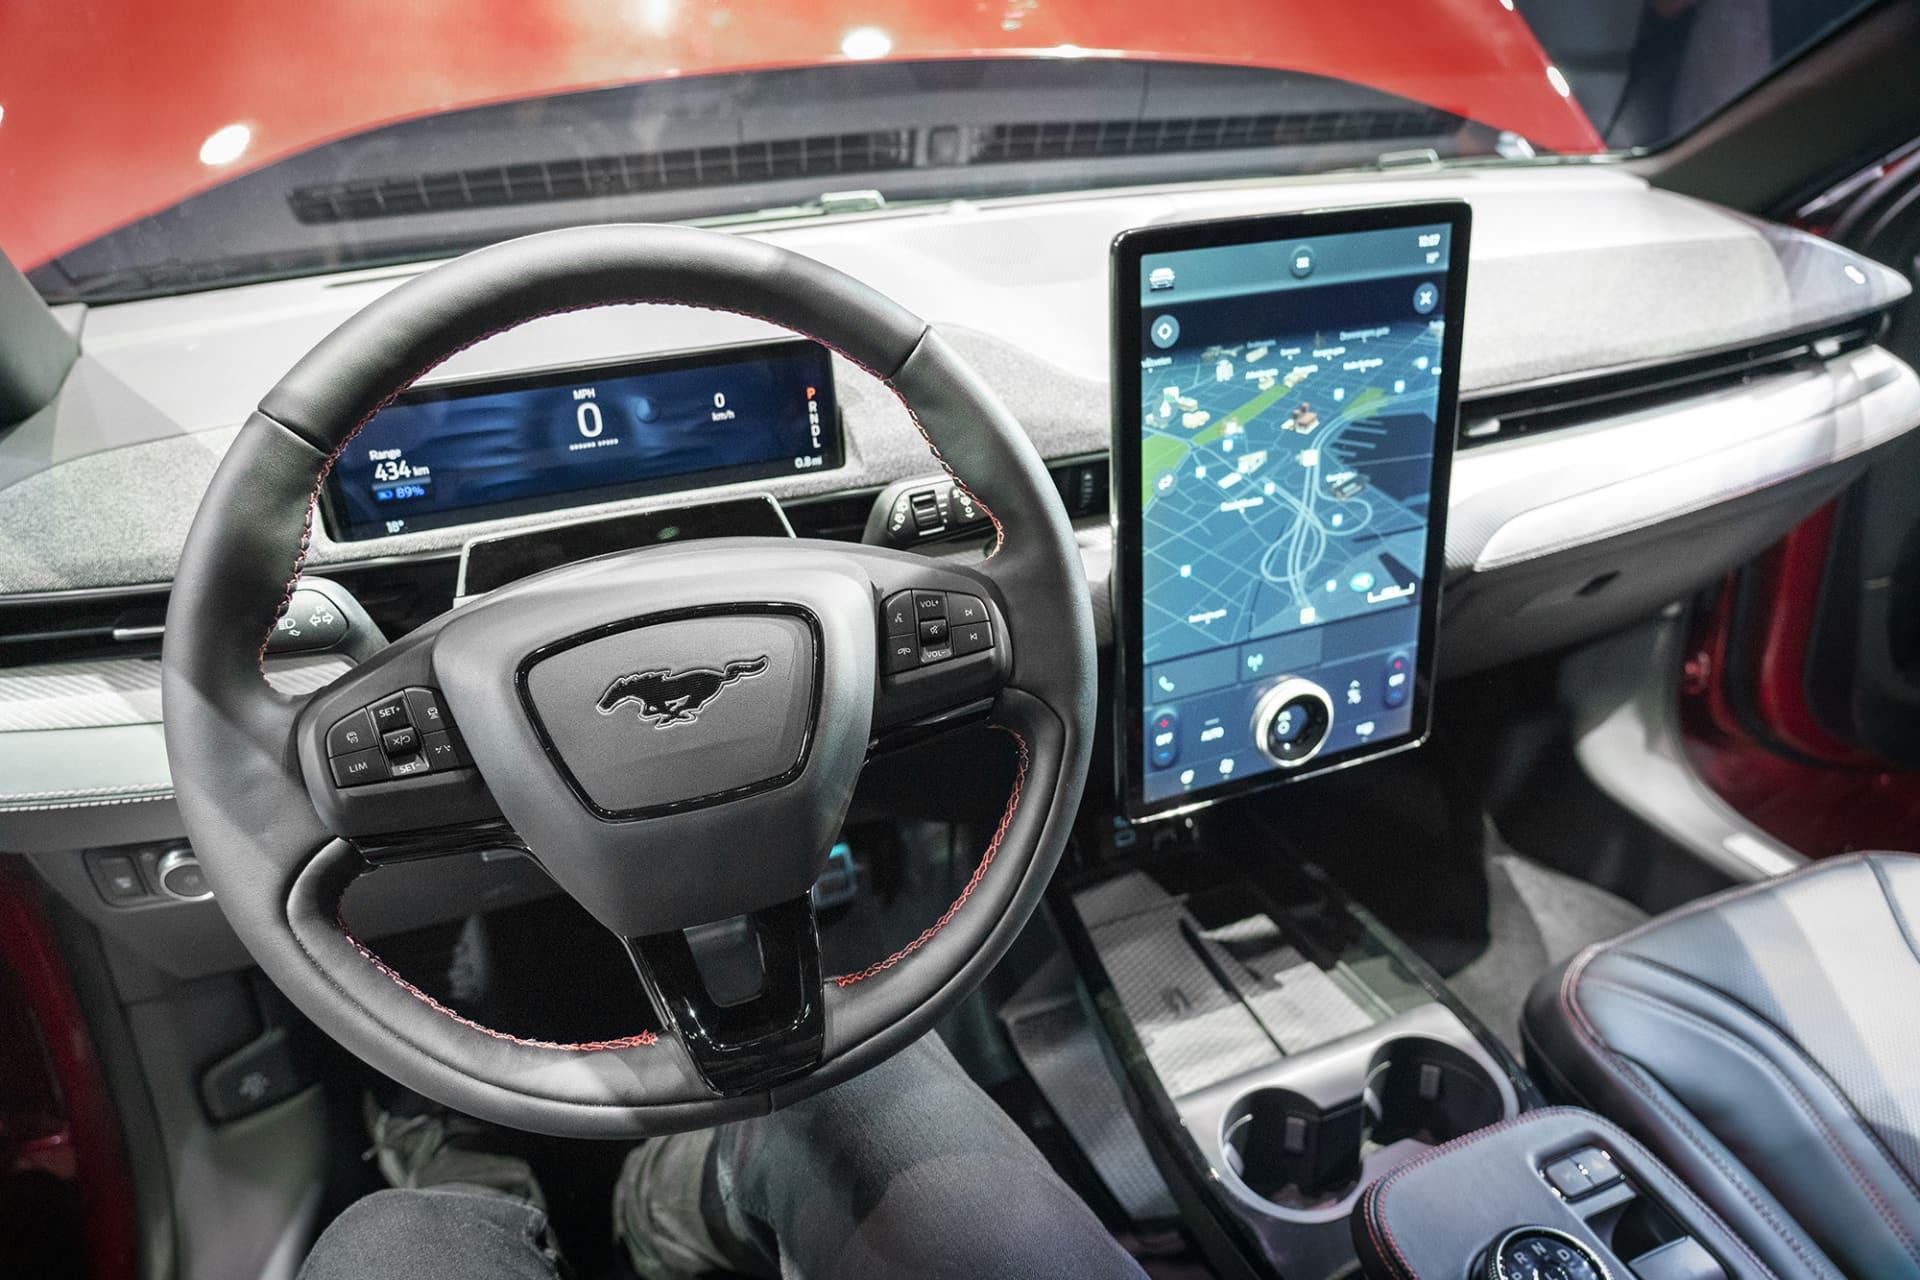 En sort pekskärm dominerar interiören fram på Mustang Mach-e. I övrigt finns gott om förvaringsutrymmen, till exempel två ytor för trådlös laddning för mobiler fram.